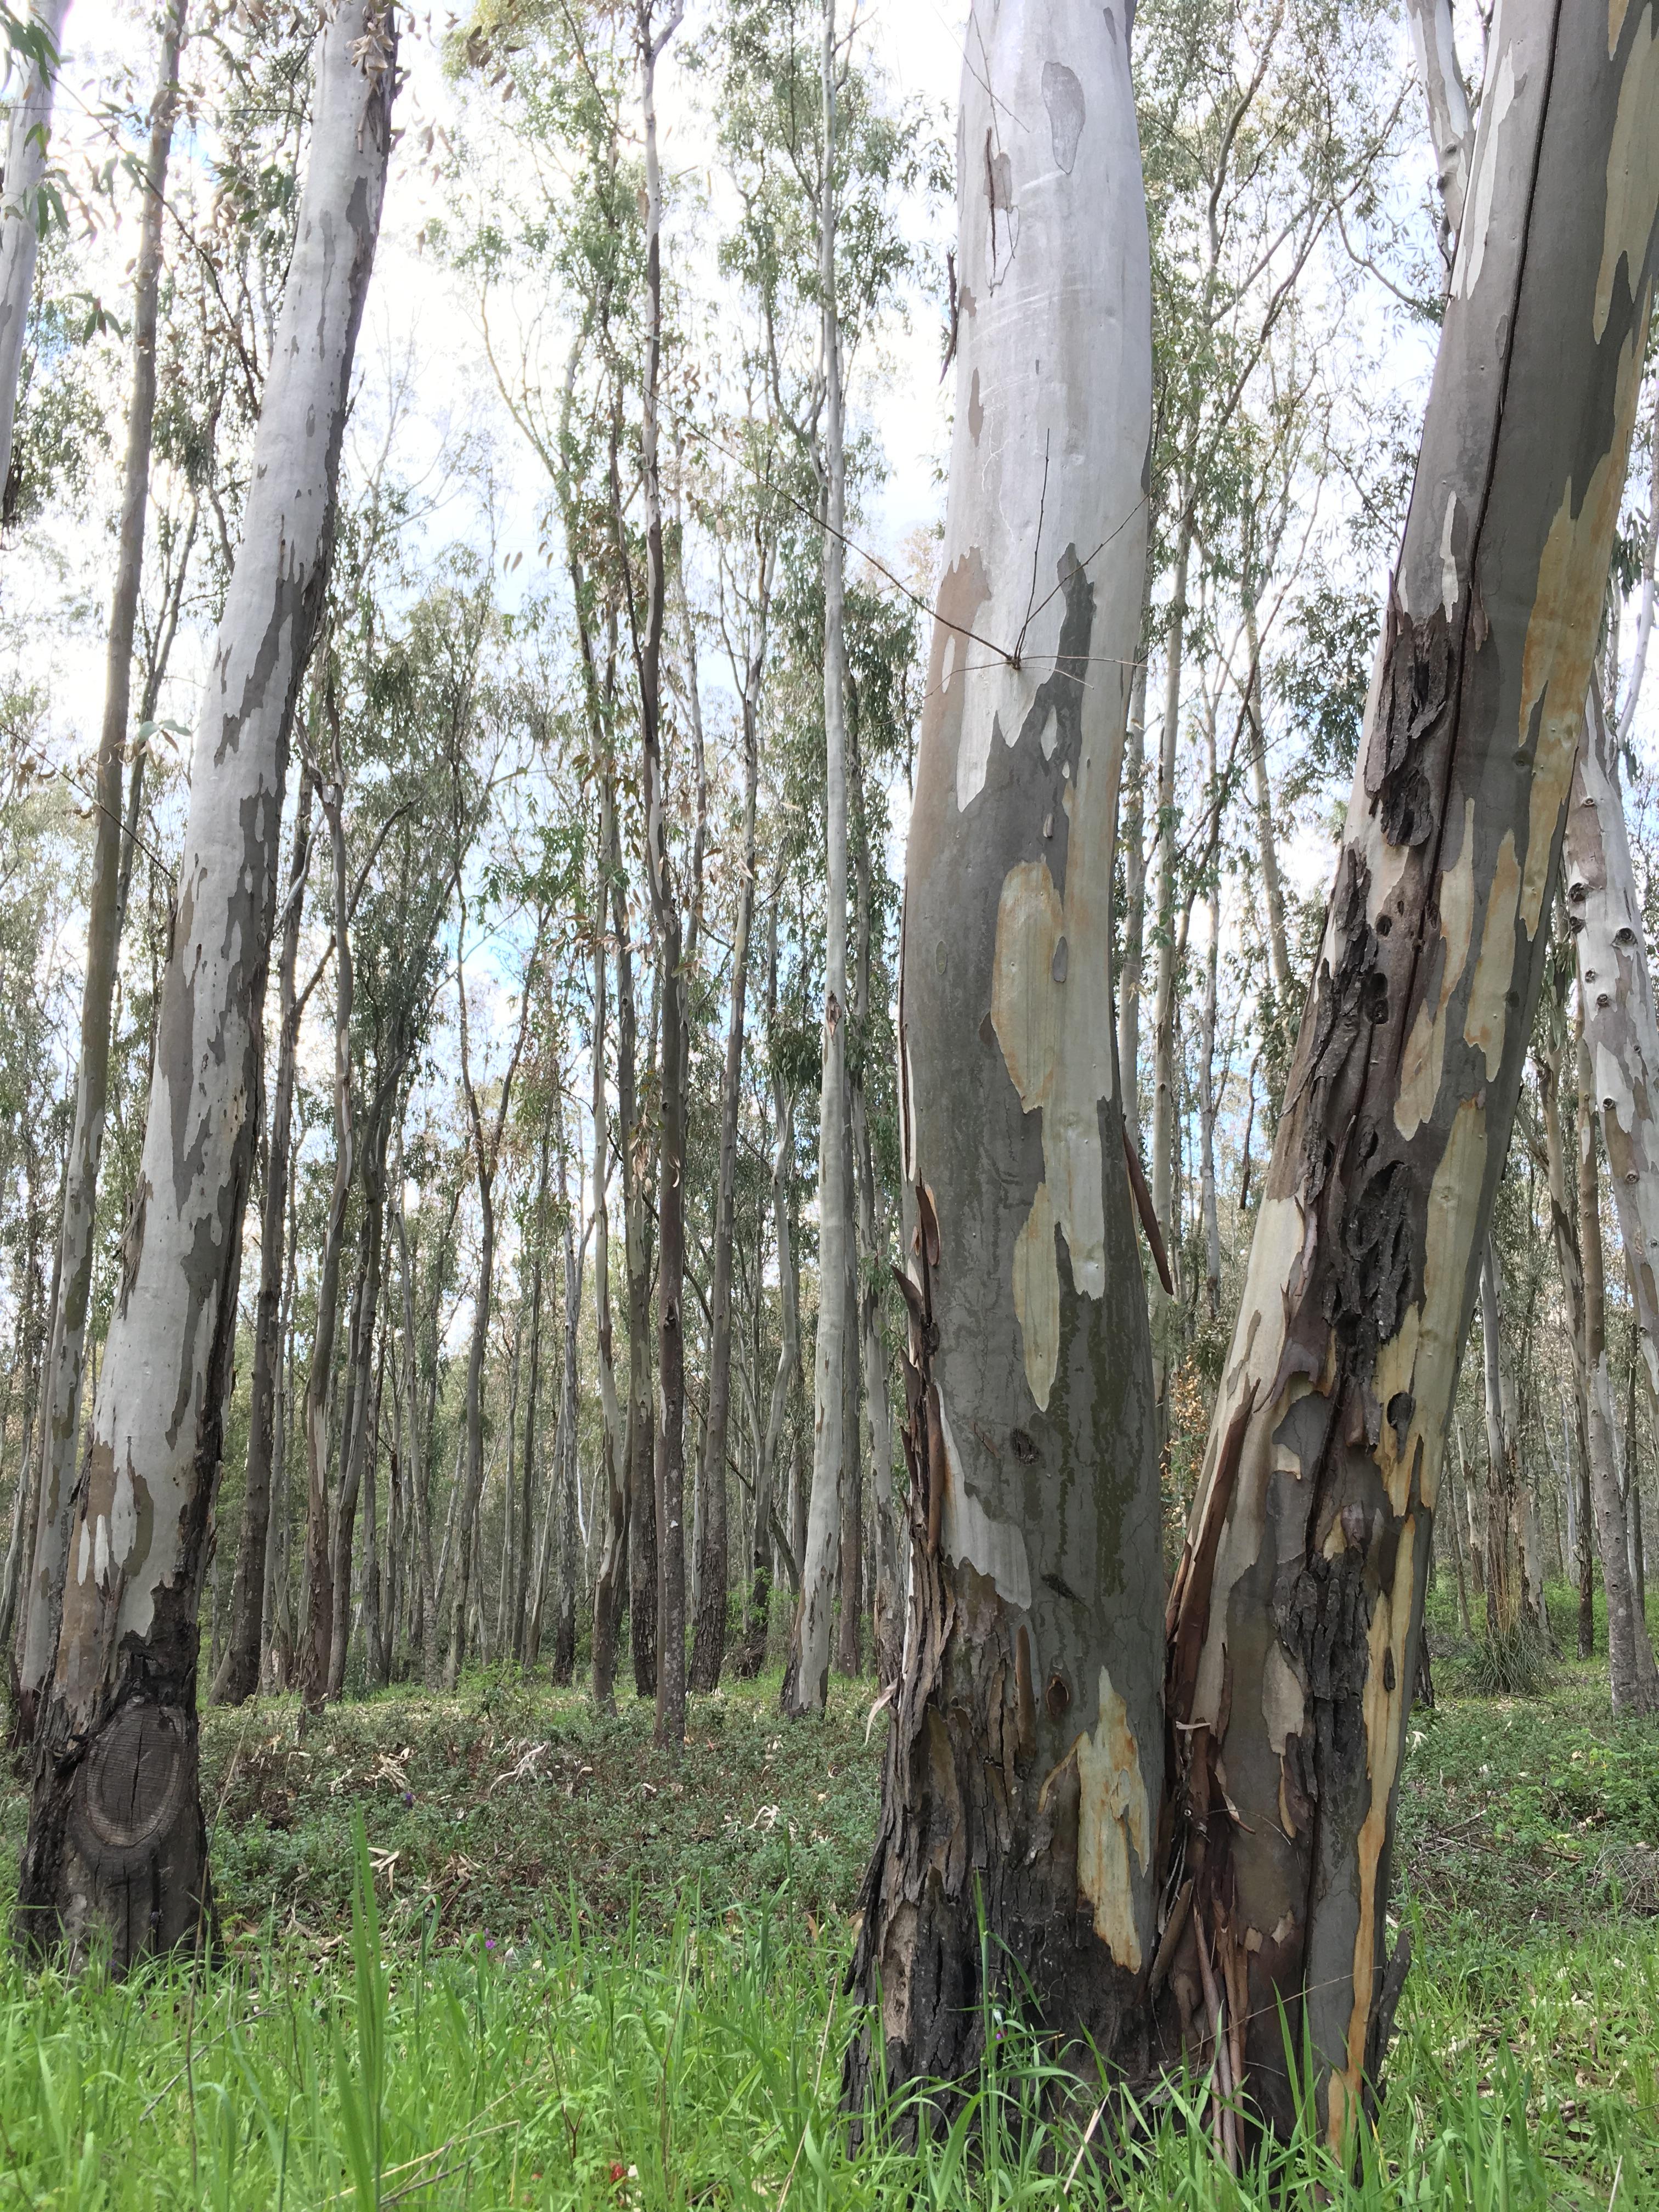 Eucalyptus forest near Enna